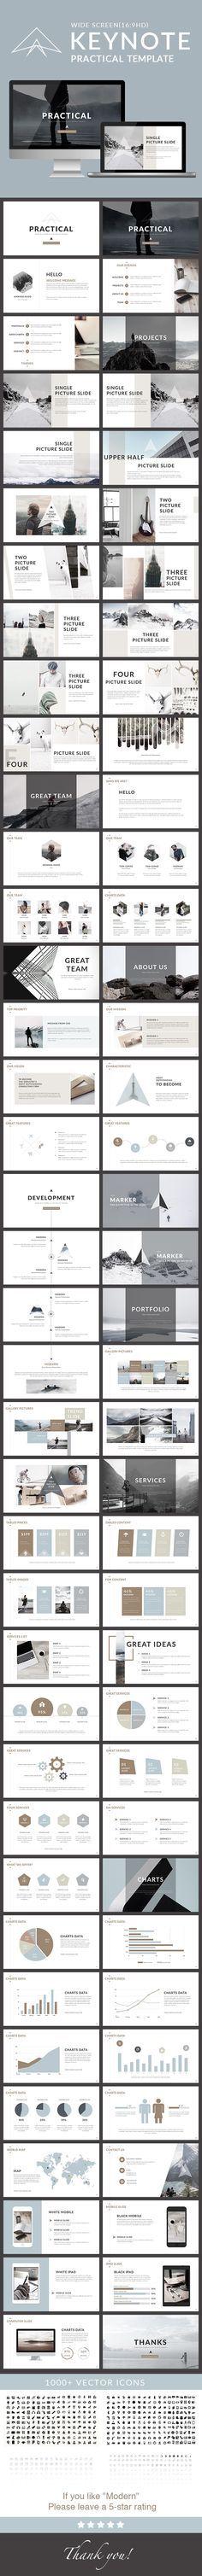 Design presentation power point layout 36 ideas for 2019 Layout Design, Design Portfolio Layout, Graphisches Design, Buch Design, Slide Design, Clean Design, Design Ideas, Keynote Design, Design Brochure